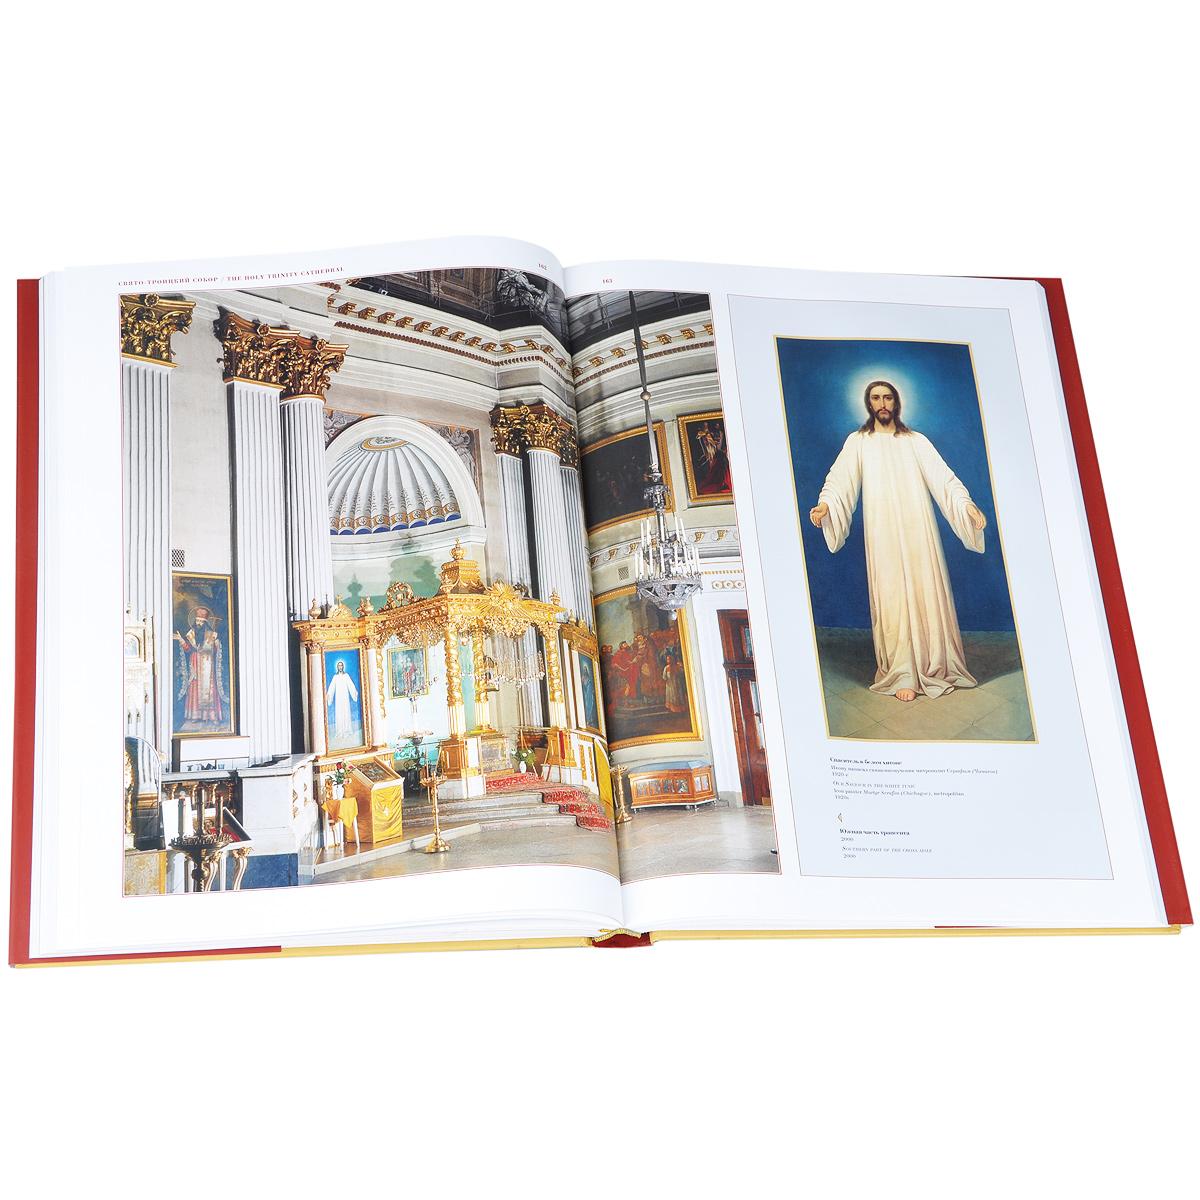 �����-�������� ����������-������� ����� / The Holy Trinity Alexander Nevsky Lavra